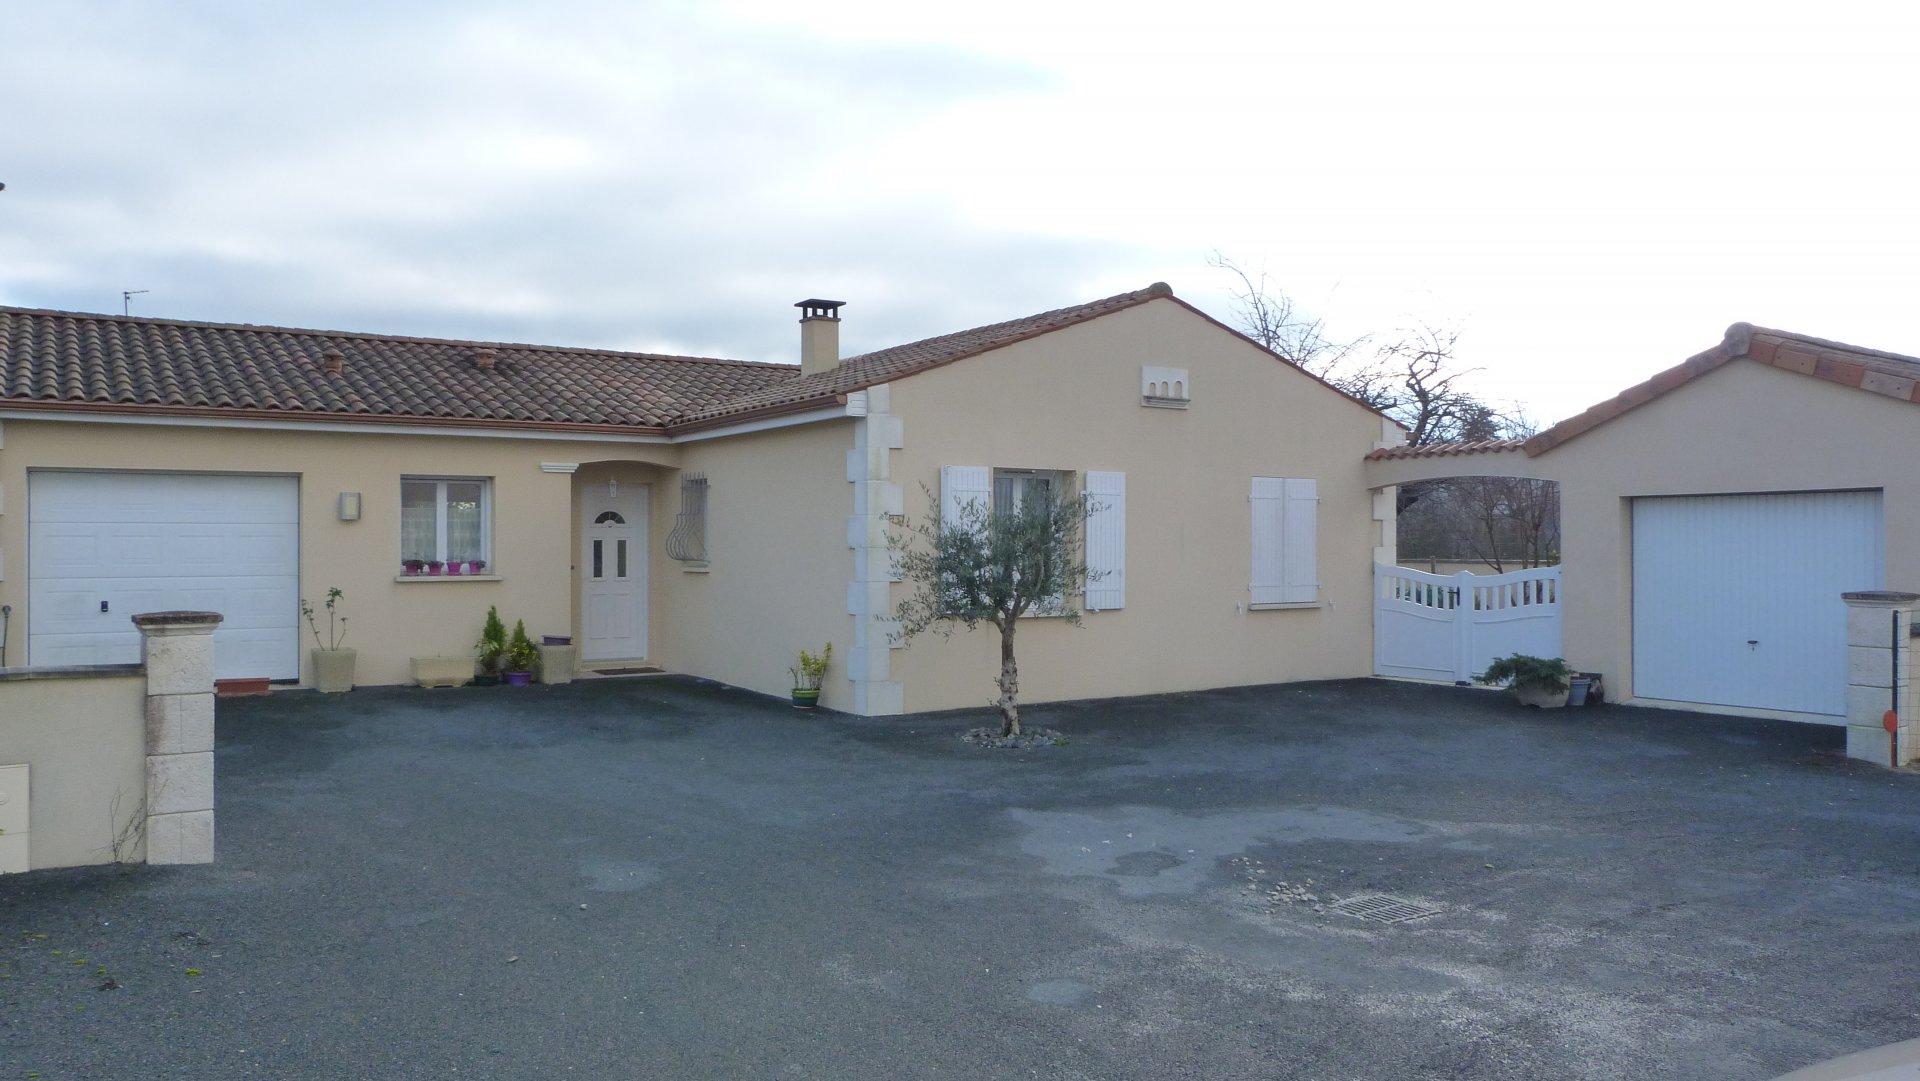 HOUSE  CENTER OF RUFFEC